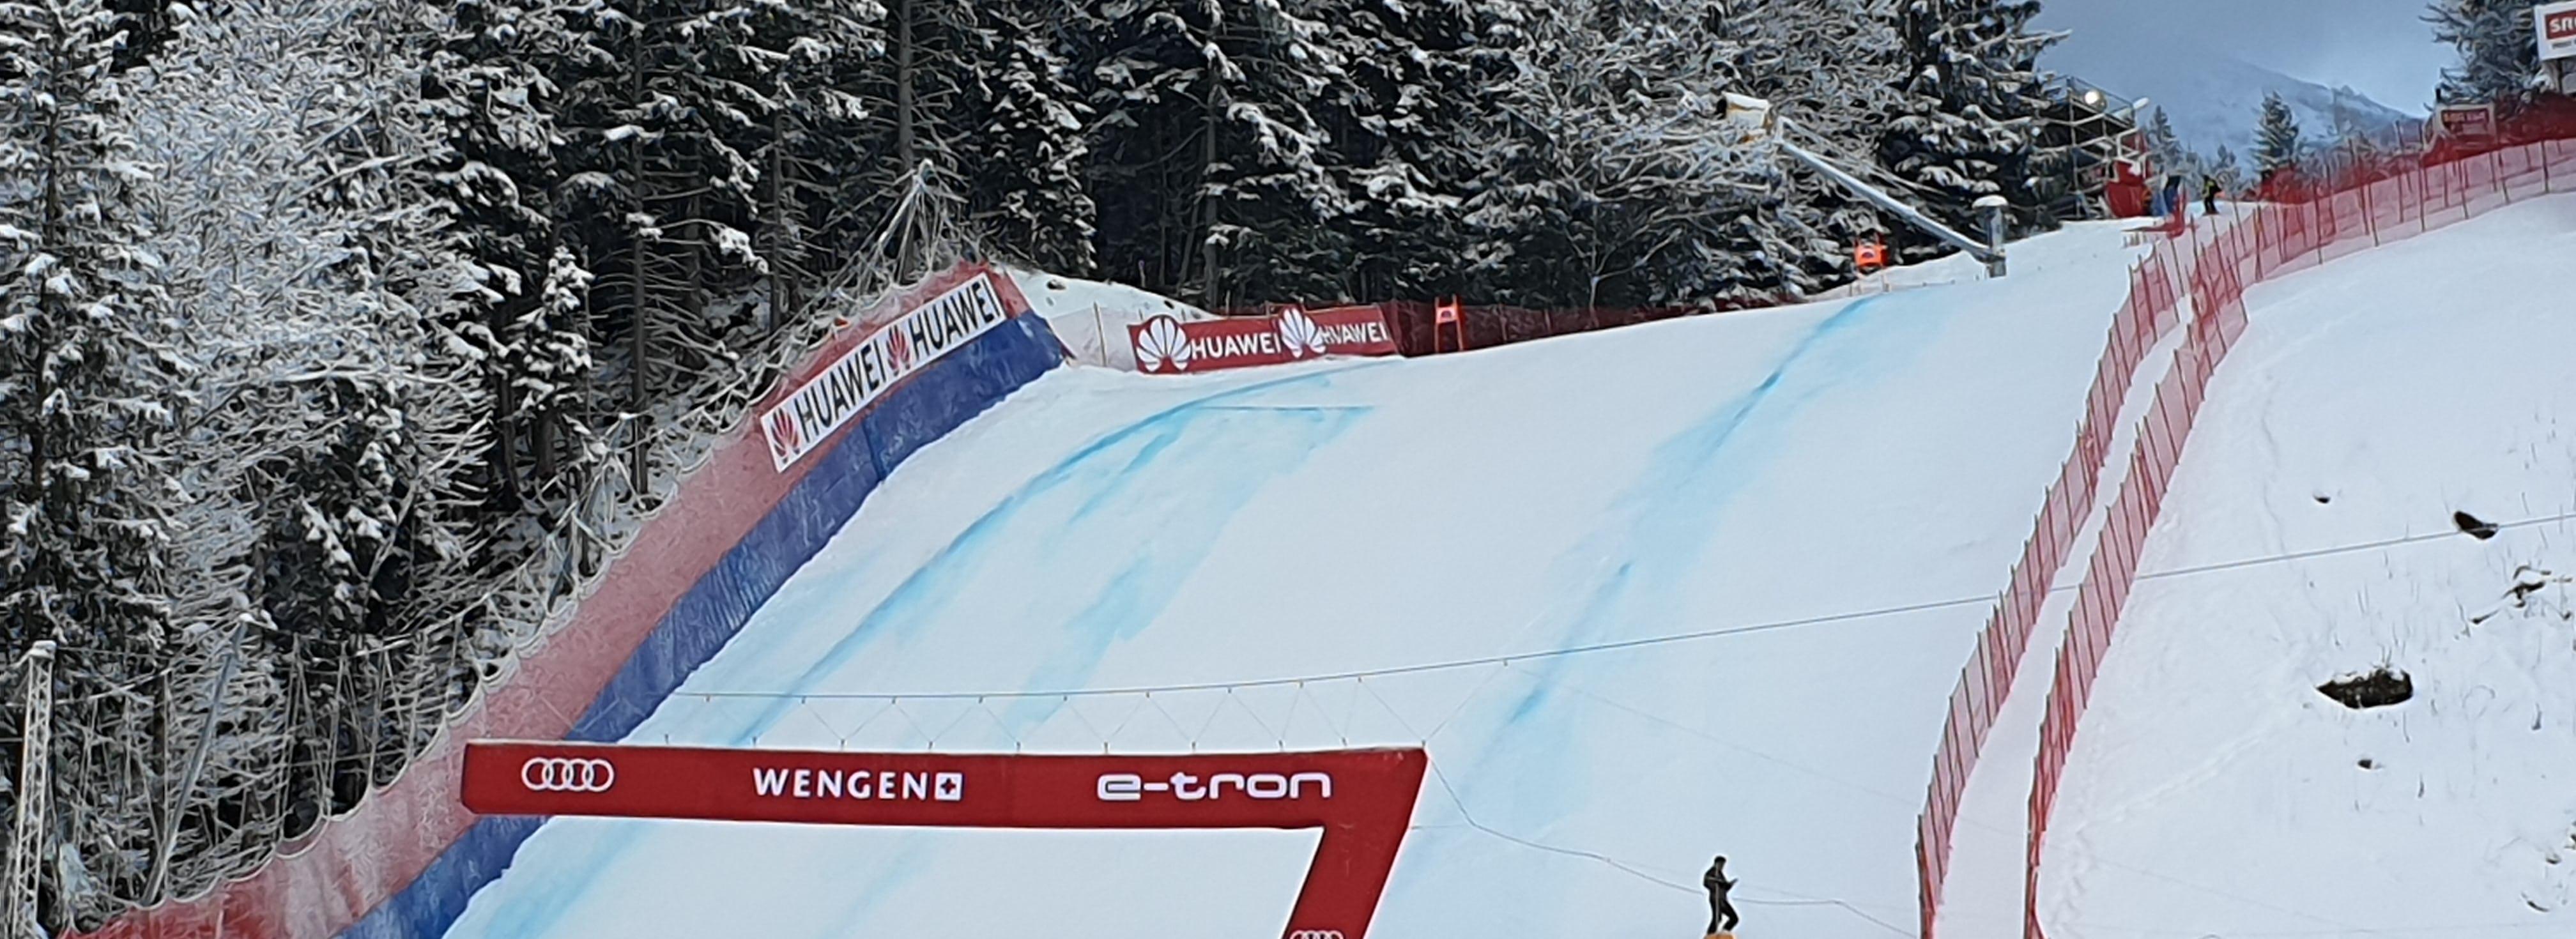 Lauberhorn-Rennen, Piste